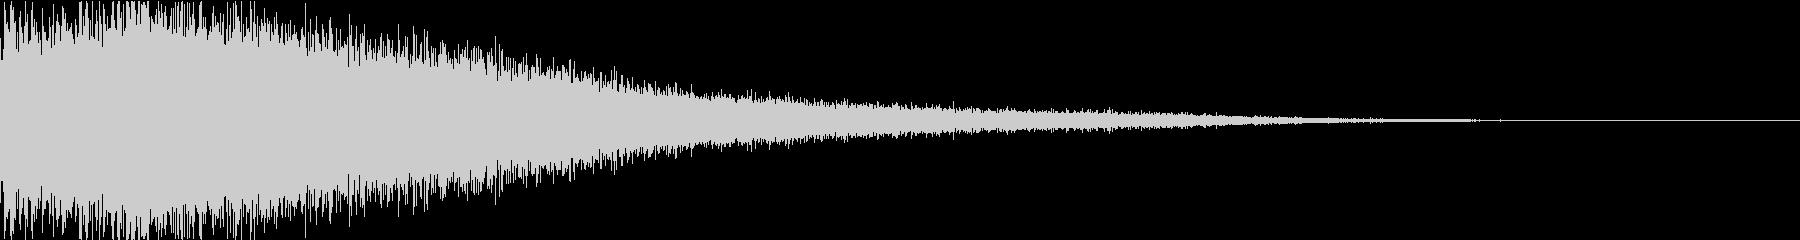 バーン:シンバルを叩く音・衝撃・迫力fの未再生の波形